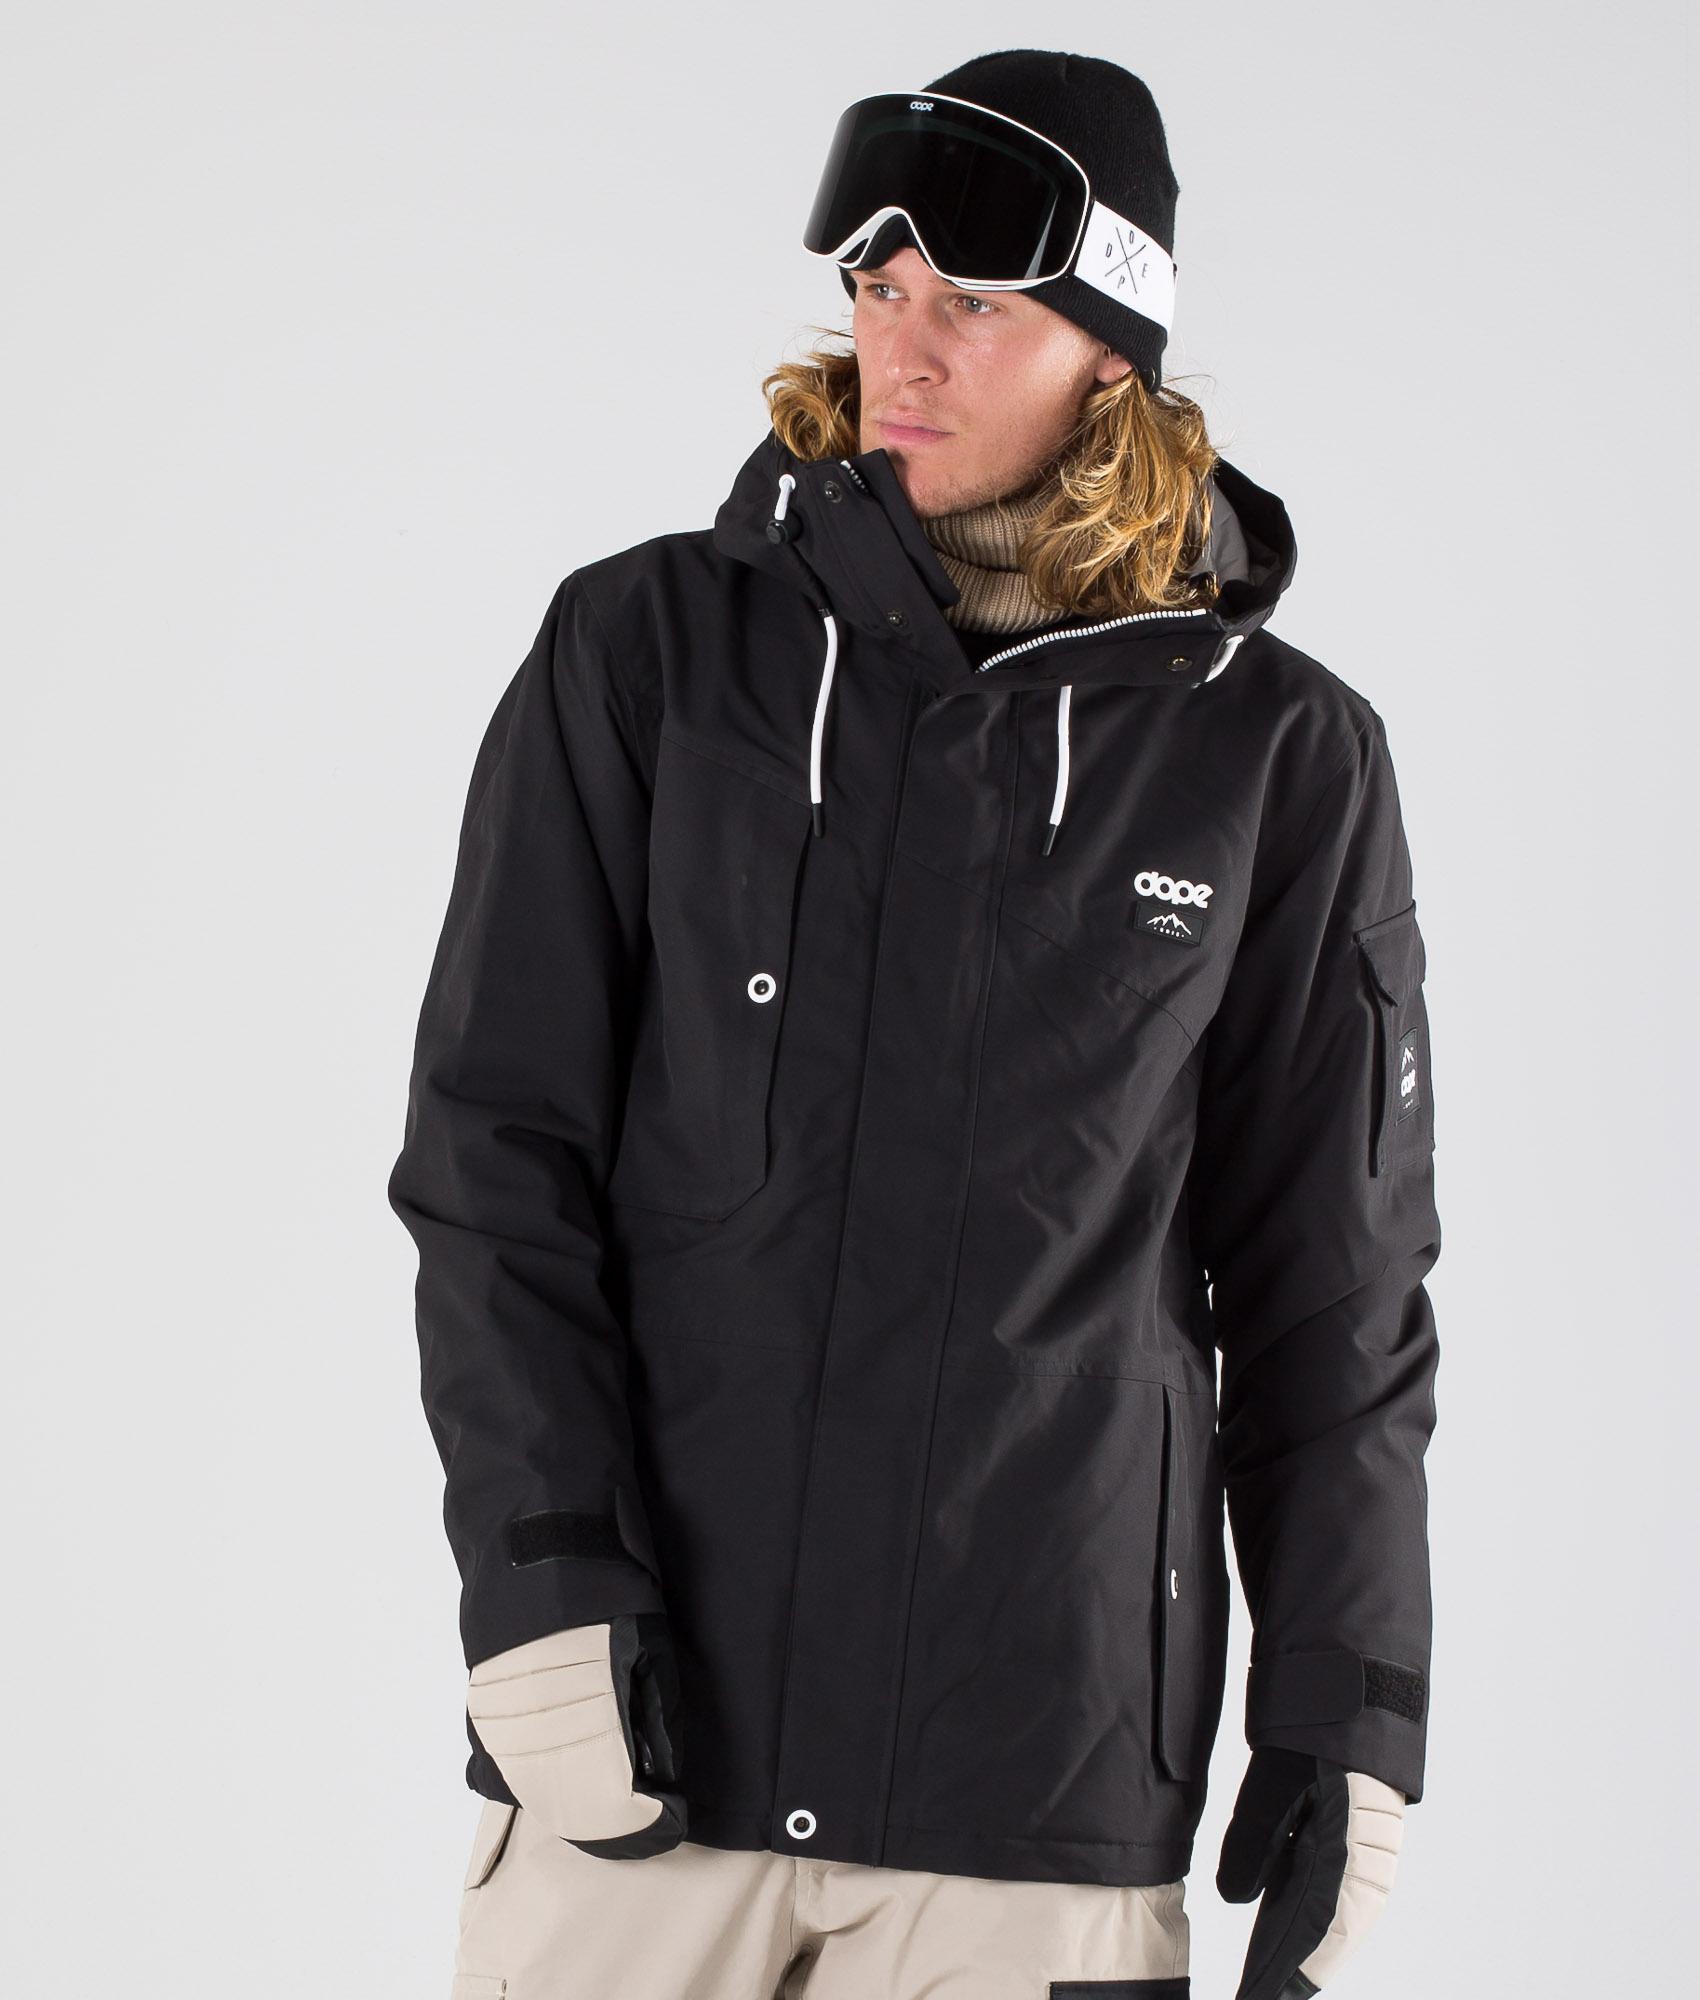 Vestes Snowboard Homme | Livraison Gratuite | RIDESTORE